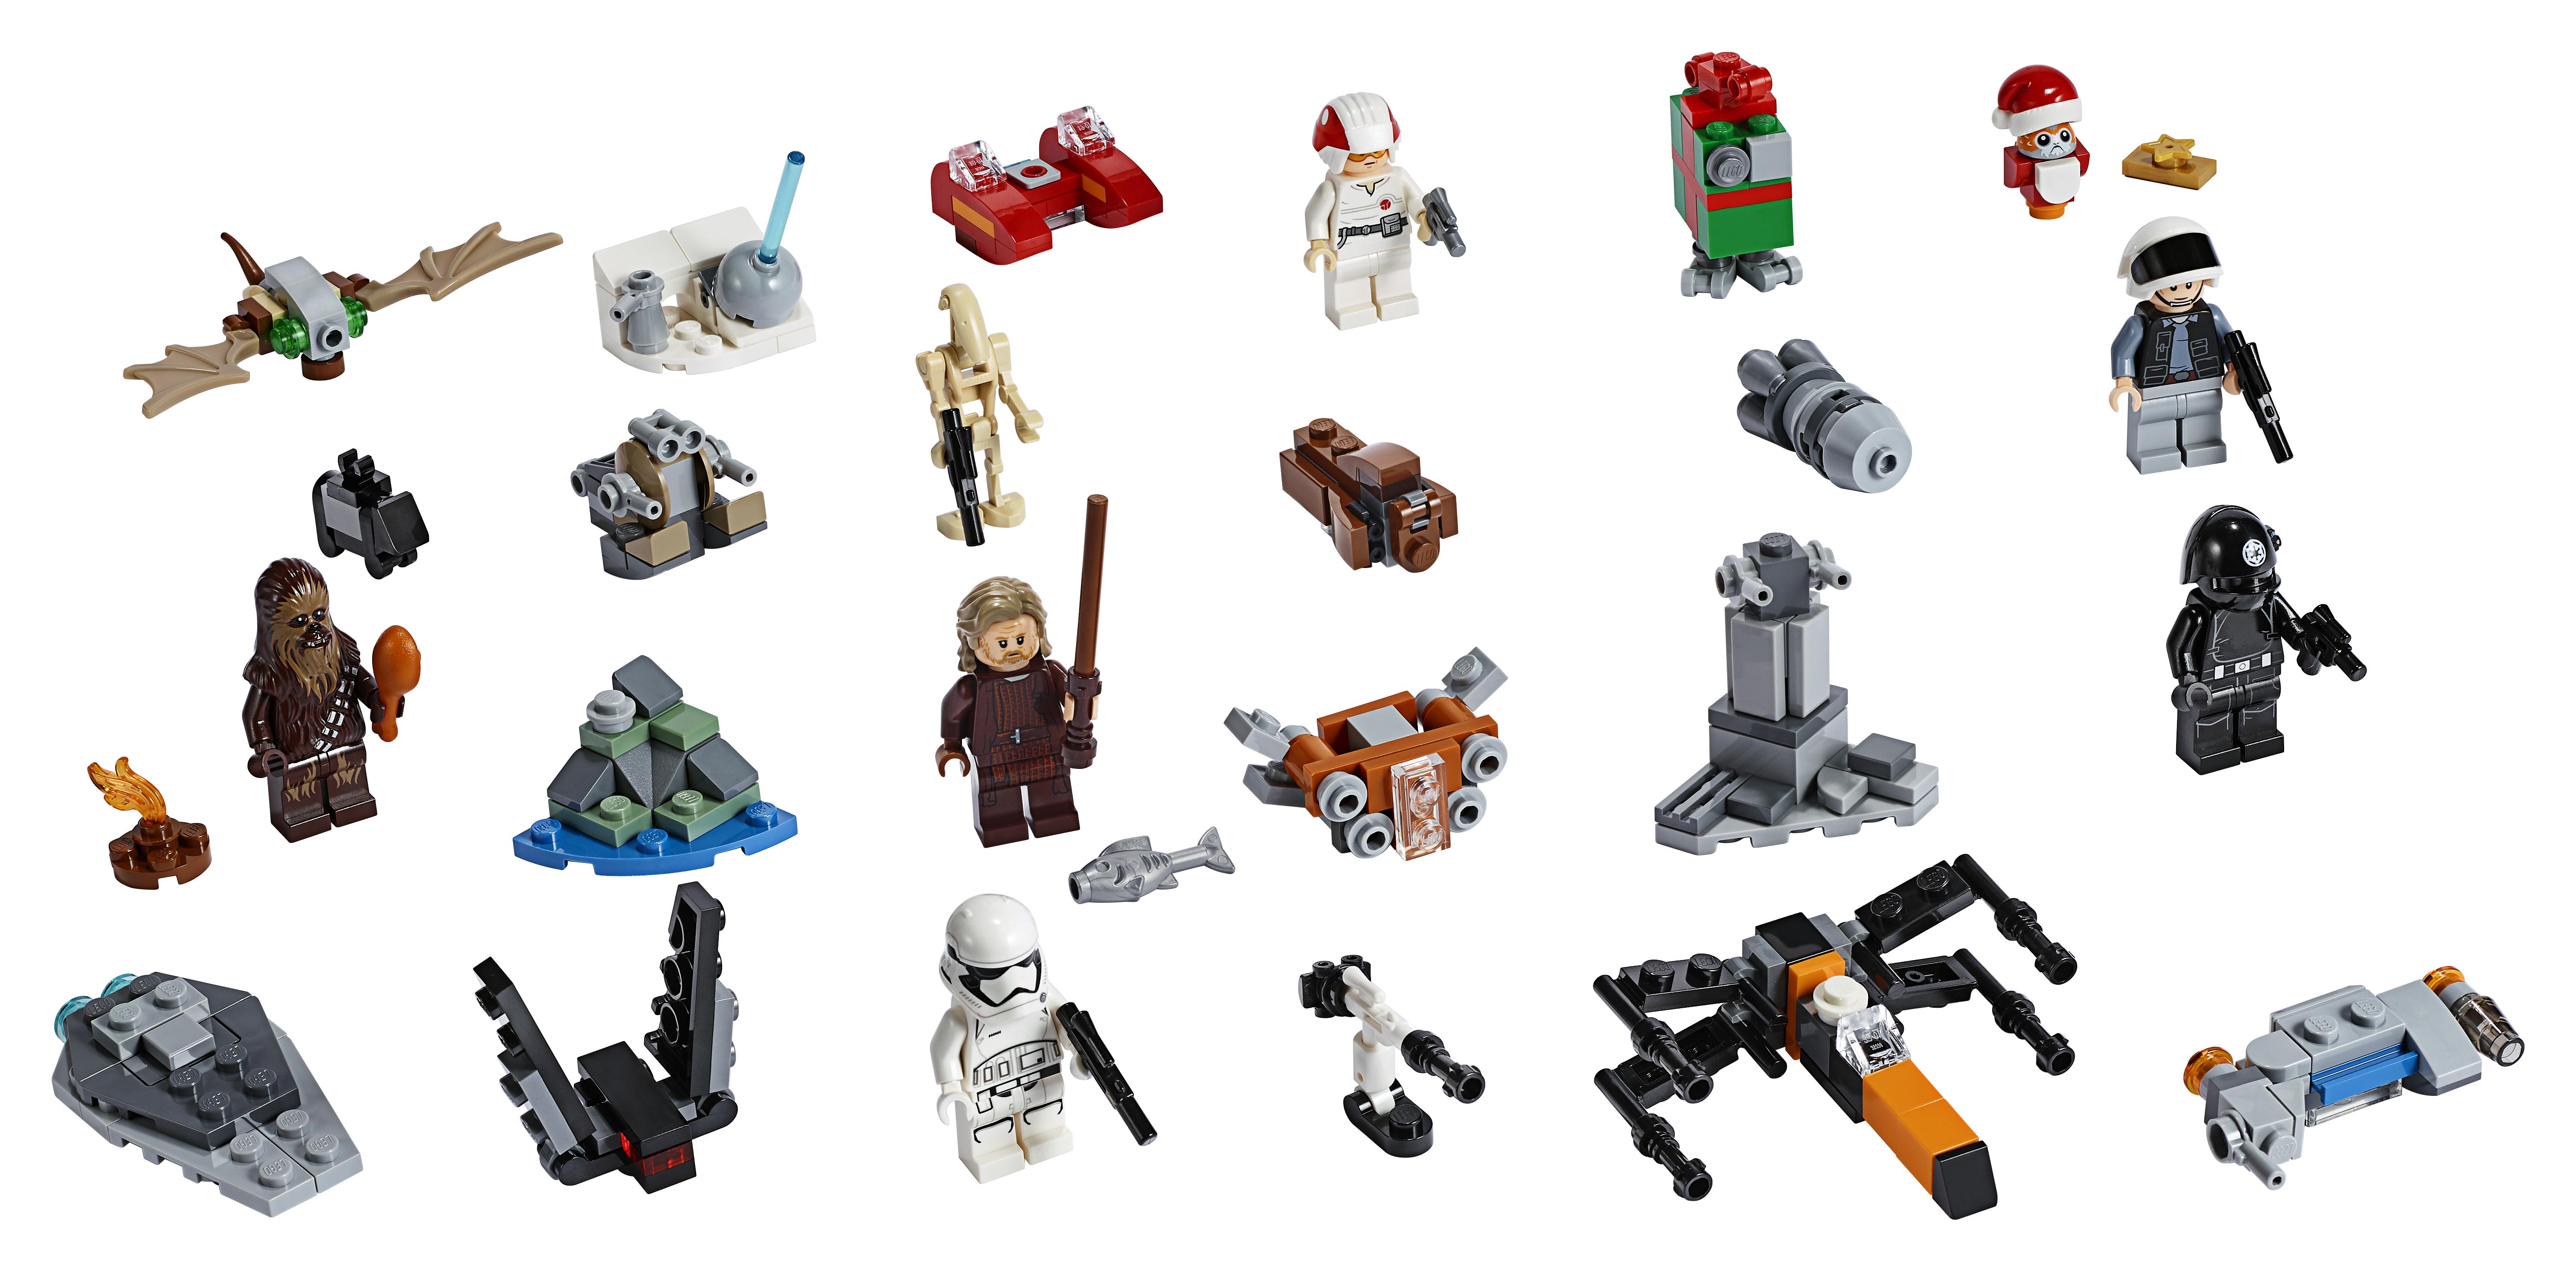 SW 2019 Advent Calendar Holiday Lego Set 3